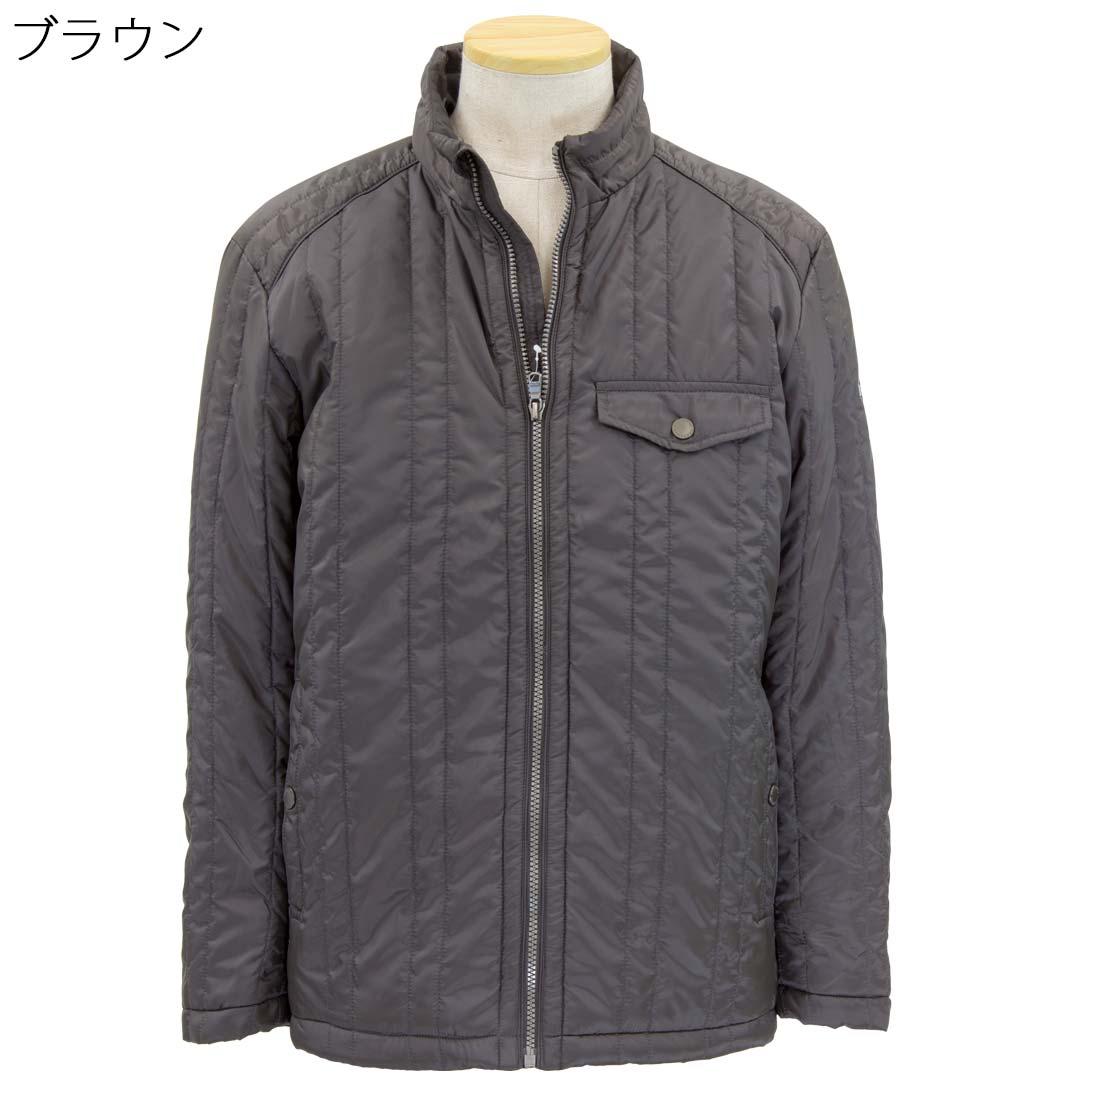 紳士 クロコダイル 中綿 サーモア ジャケット●シニアファッション 70代 80代 90代 秋冬